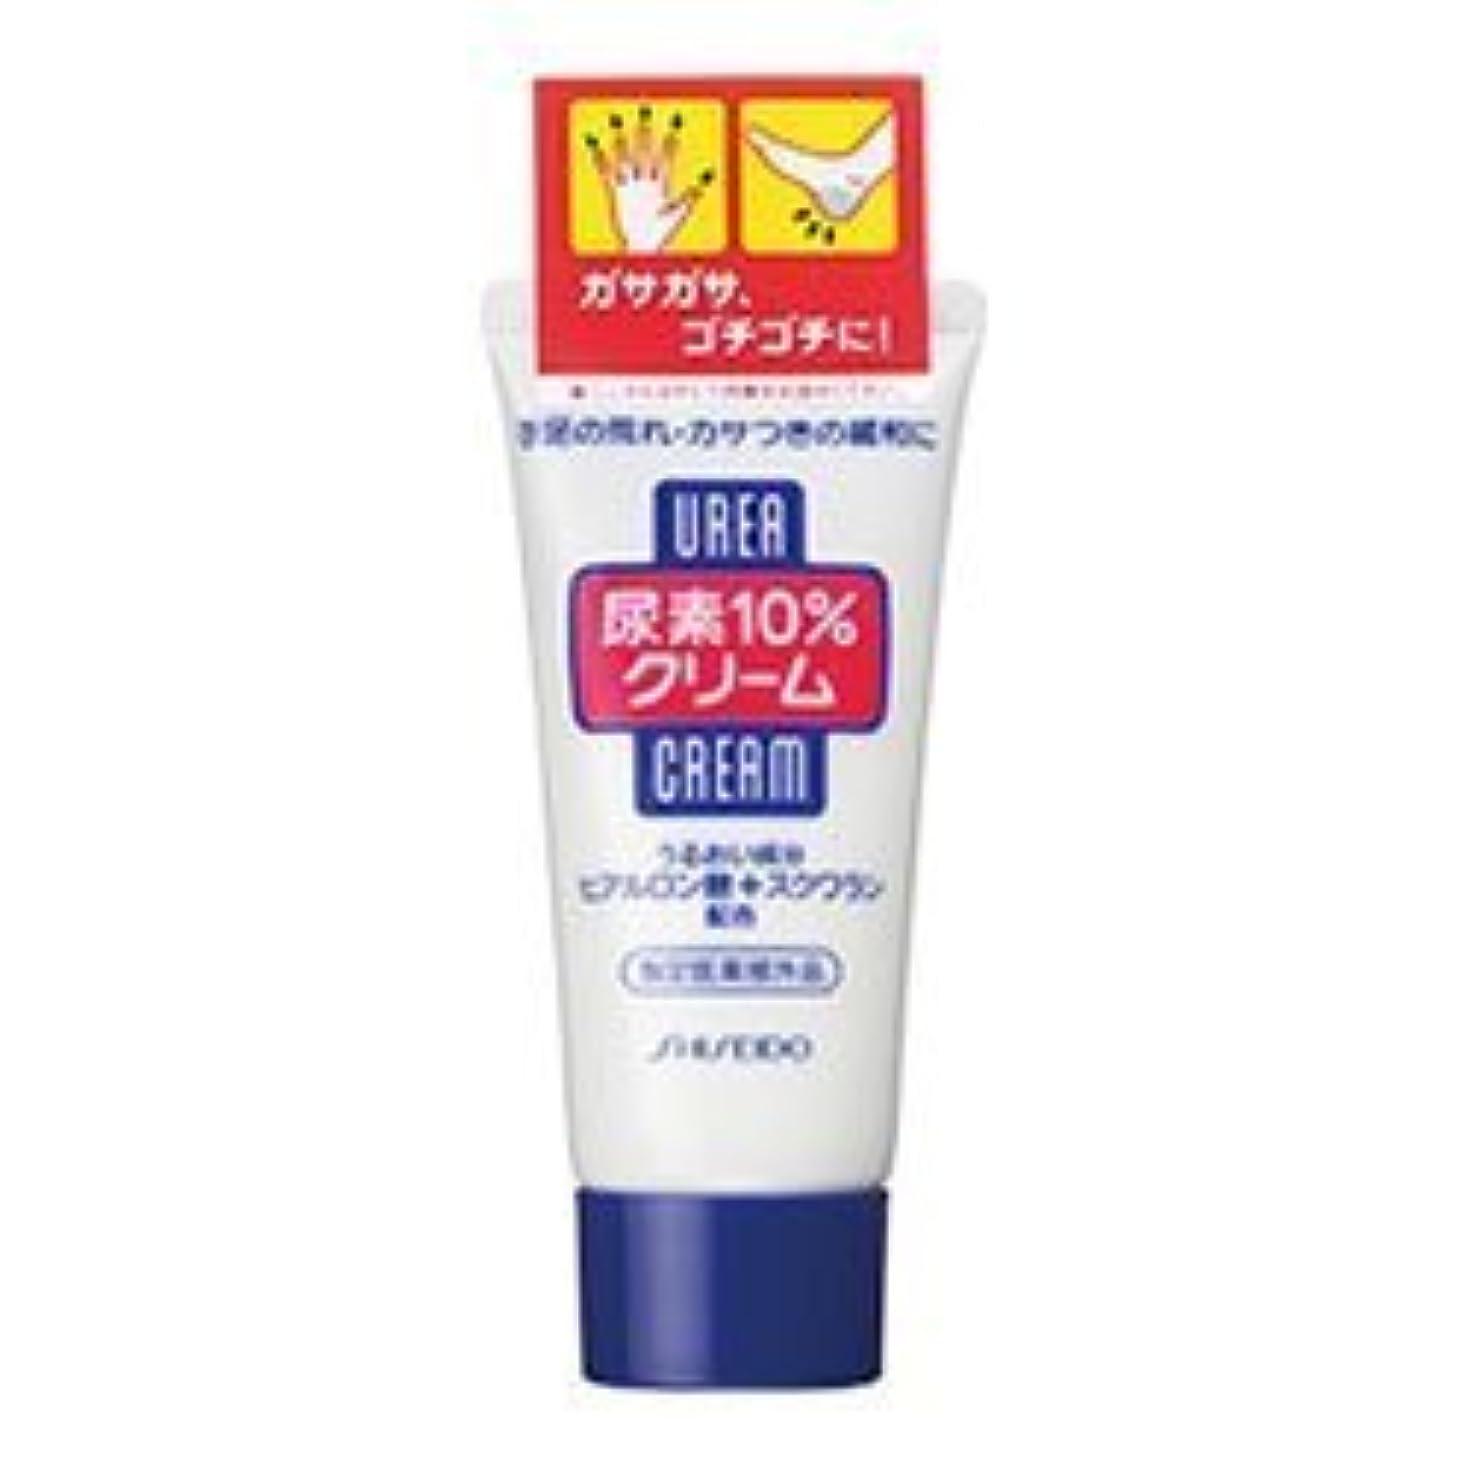 【エフティ資生堂】ハンド?尿素シリーズ 尿素10%クリーム (チューブ) 60g☆☆ ×10個セット